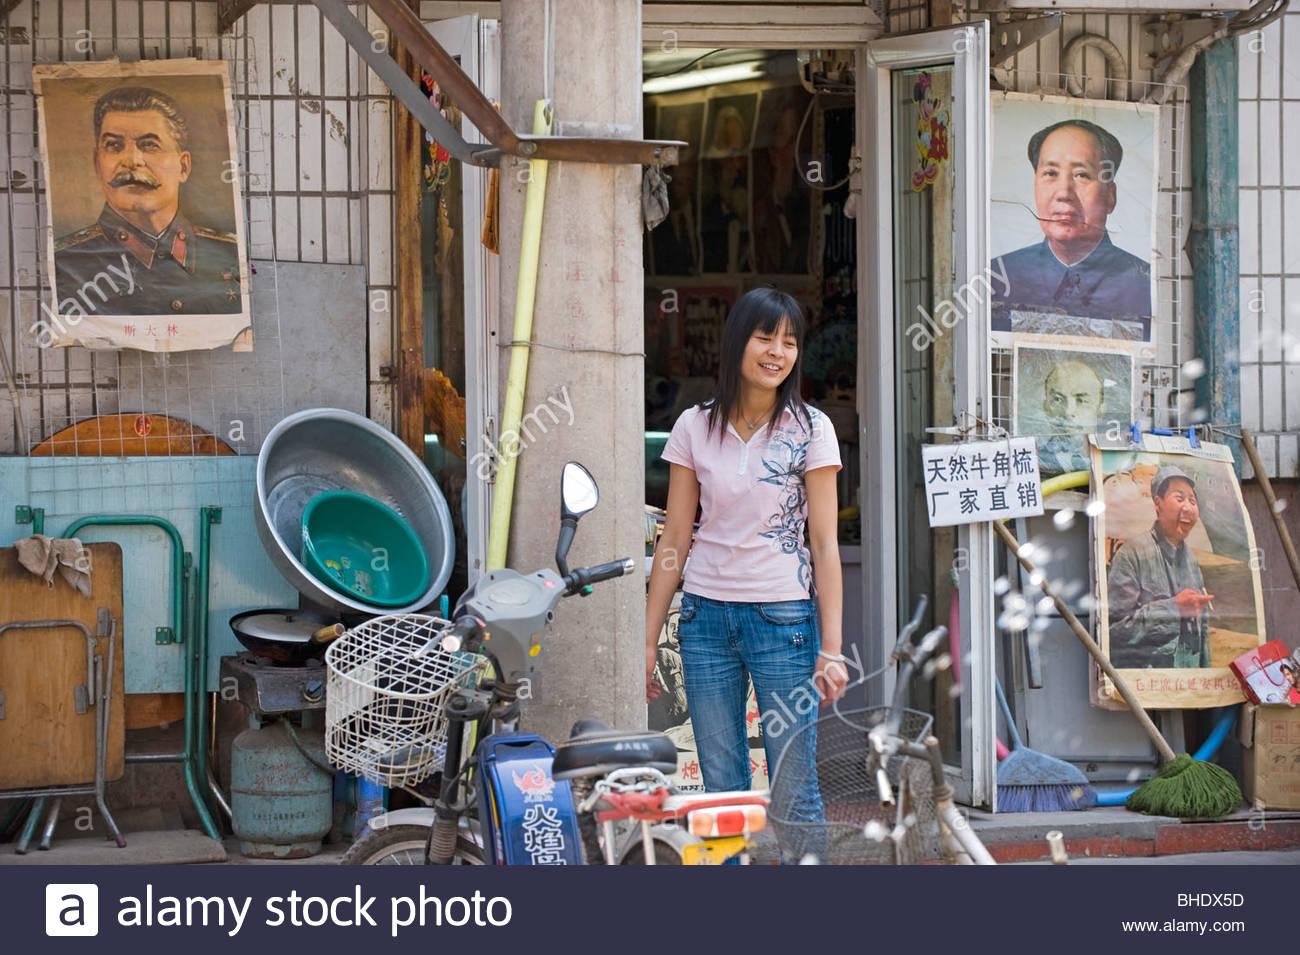 Walking her rabbit in the antique dealer's street. Beijing, china - Stock Image